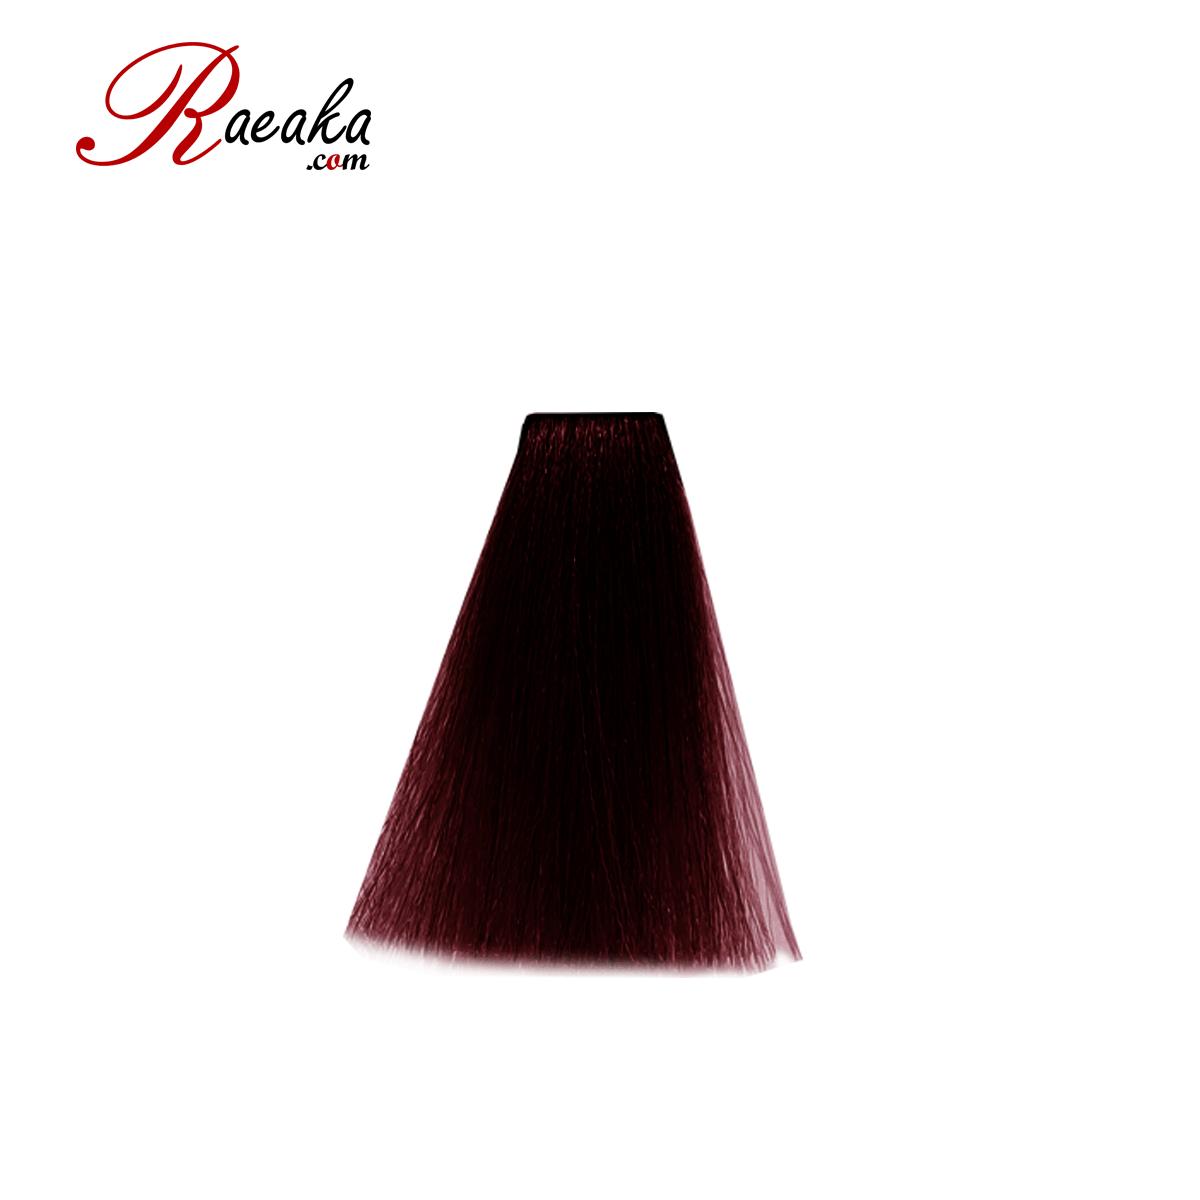 رنگ مو دوماسی سری ماهاگونی قهوه ای ماهاگونی تیره ۳٫۵ حجم ۱۲۰ میلی لیتر